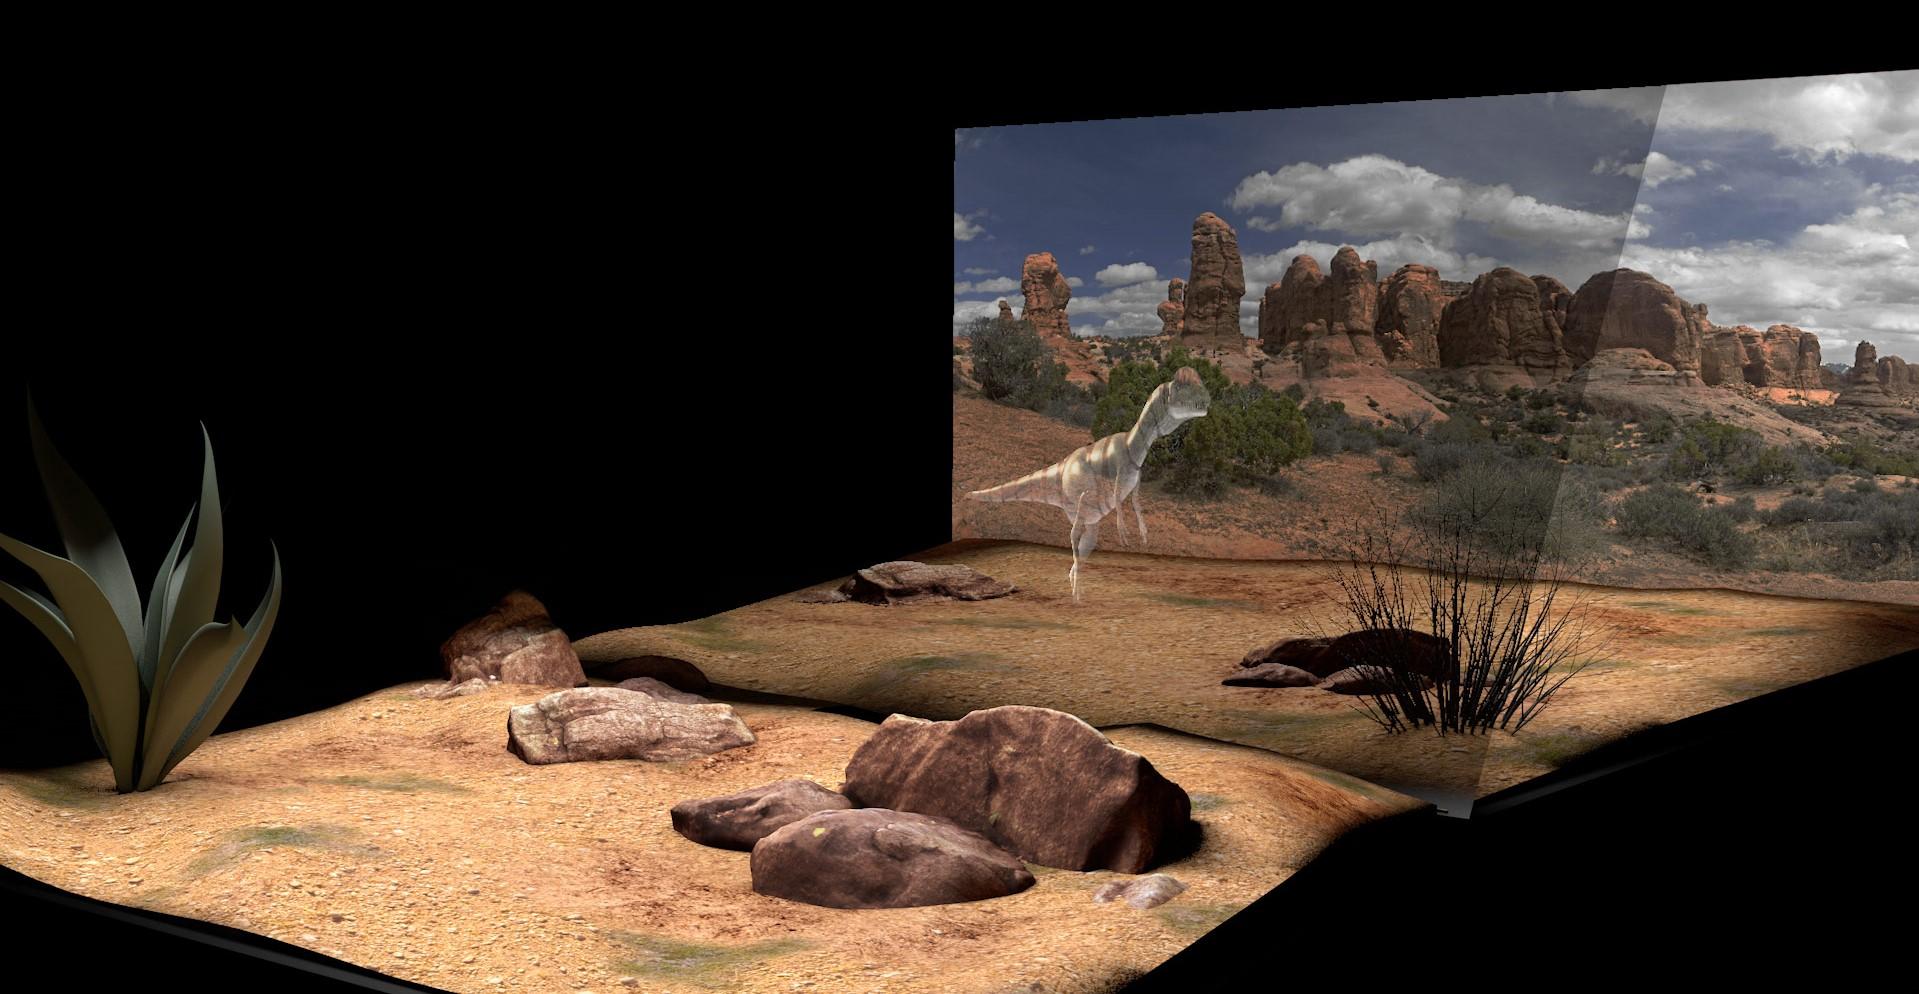 Représentation 3D du dispositif de théâtre optique